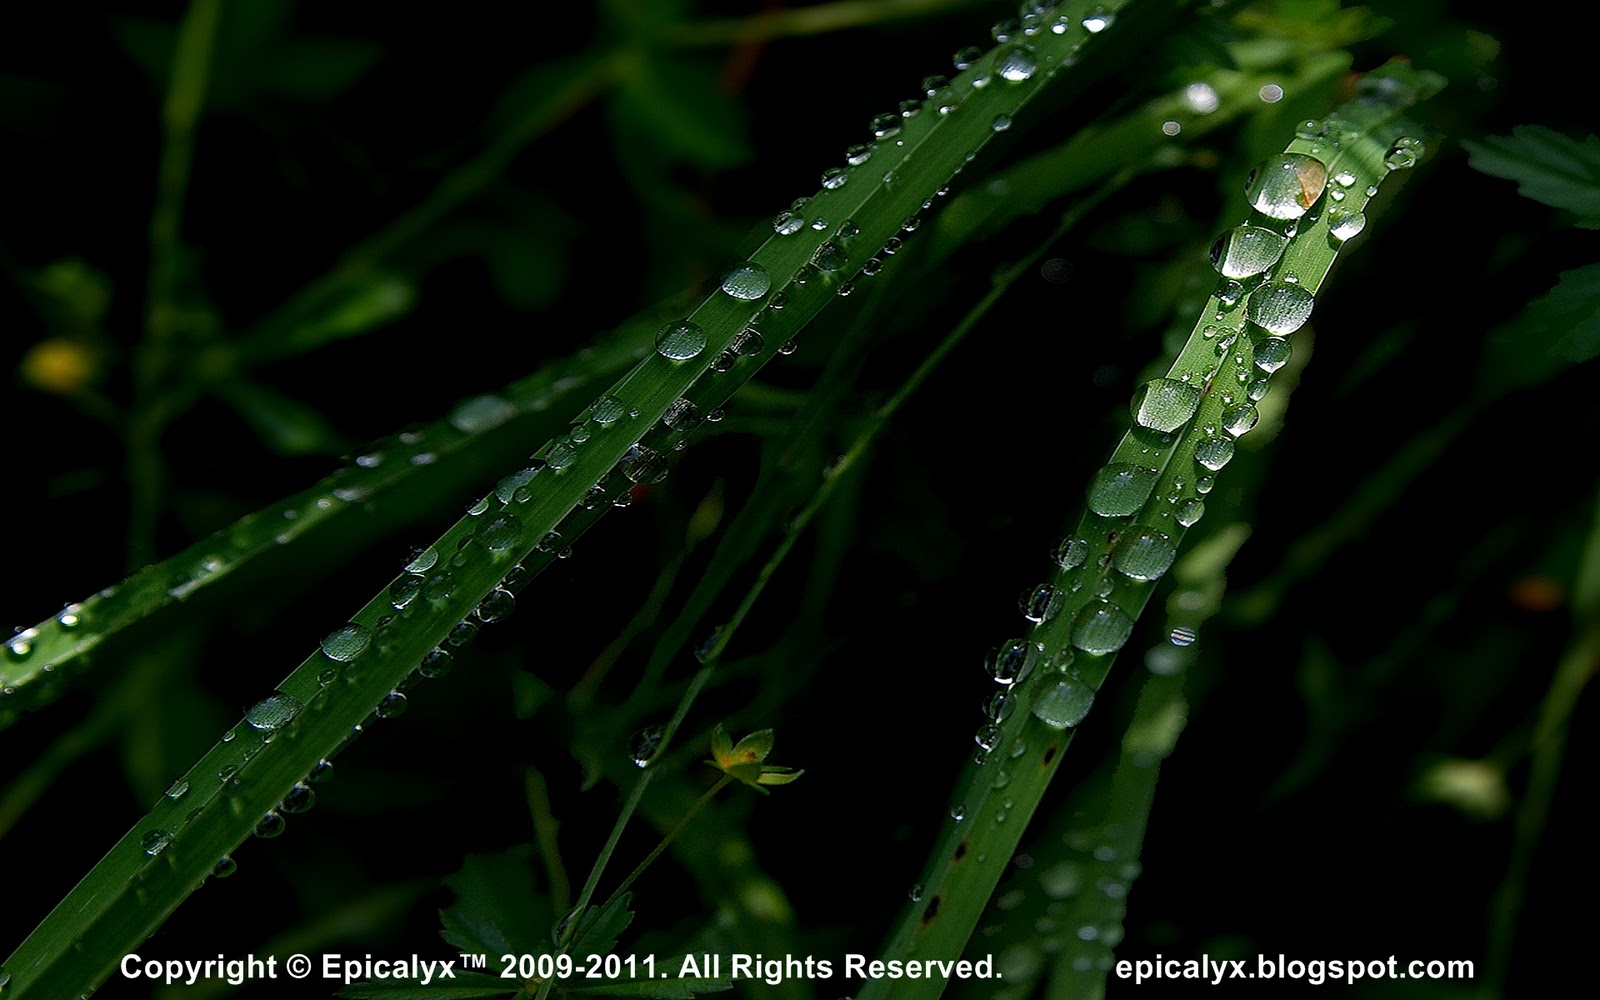 http://2.bp.blogspot.com/-JxybgtyhldM/TsDUUdaRzaI/AAAAAAAAAKY/G38CpHgcEzg/s1600/Dark+Green+Grass.jpg